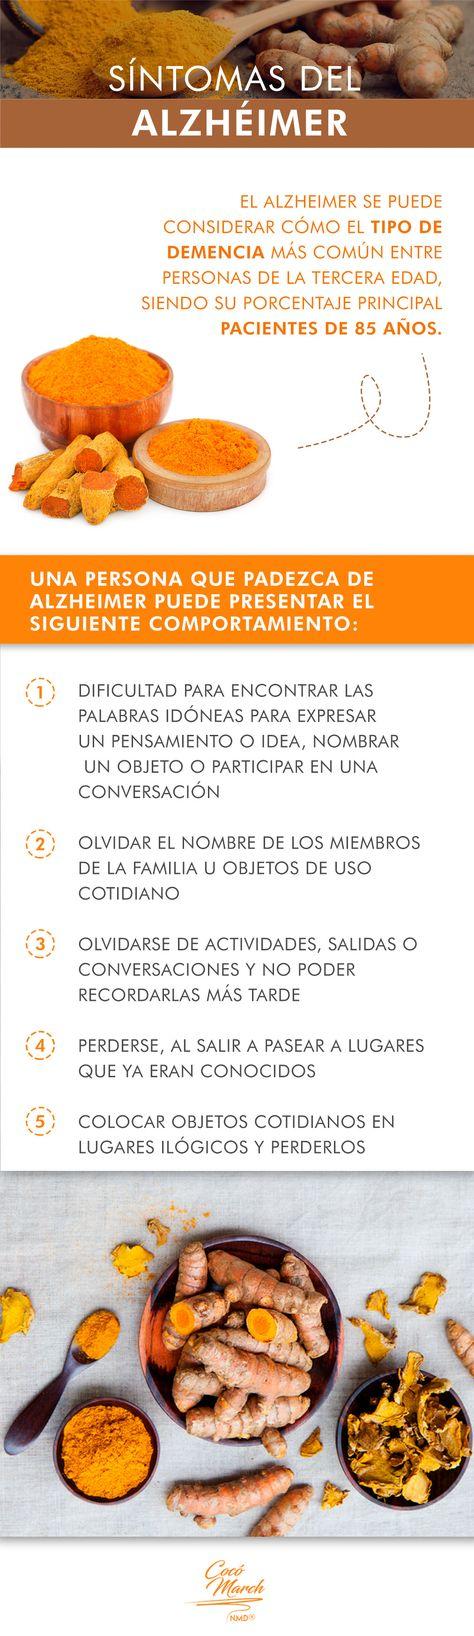 260 Ideas De Salud En 2021 Salud Consejos Para La Salud Remedios Para La Salud